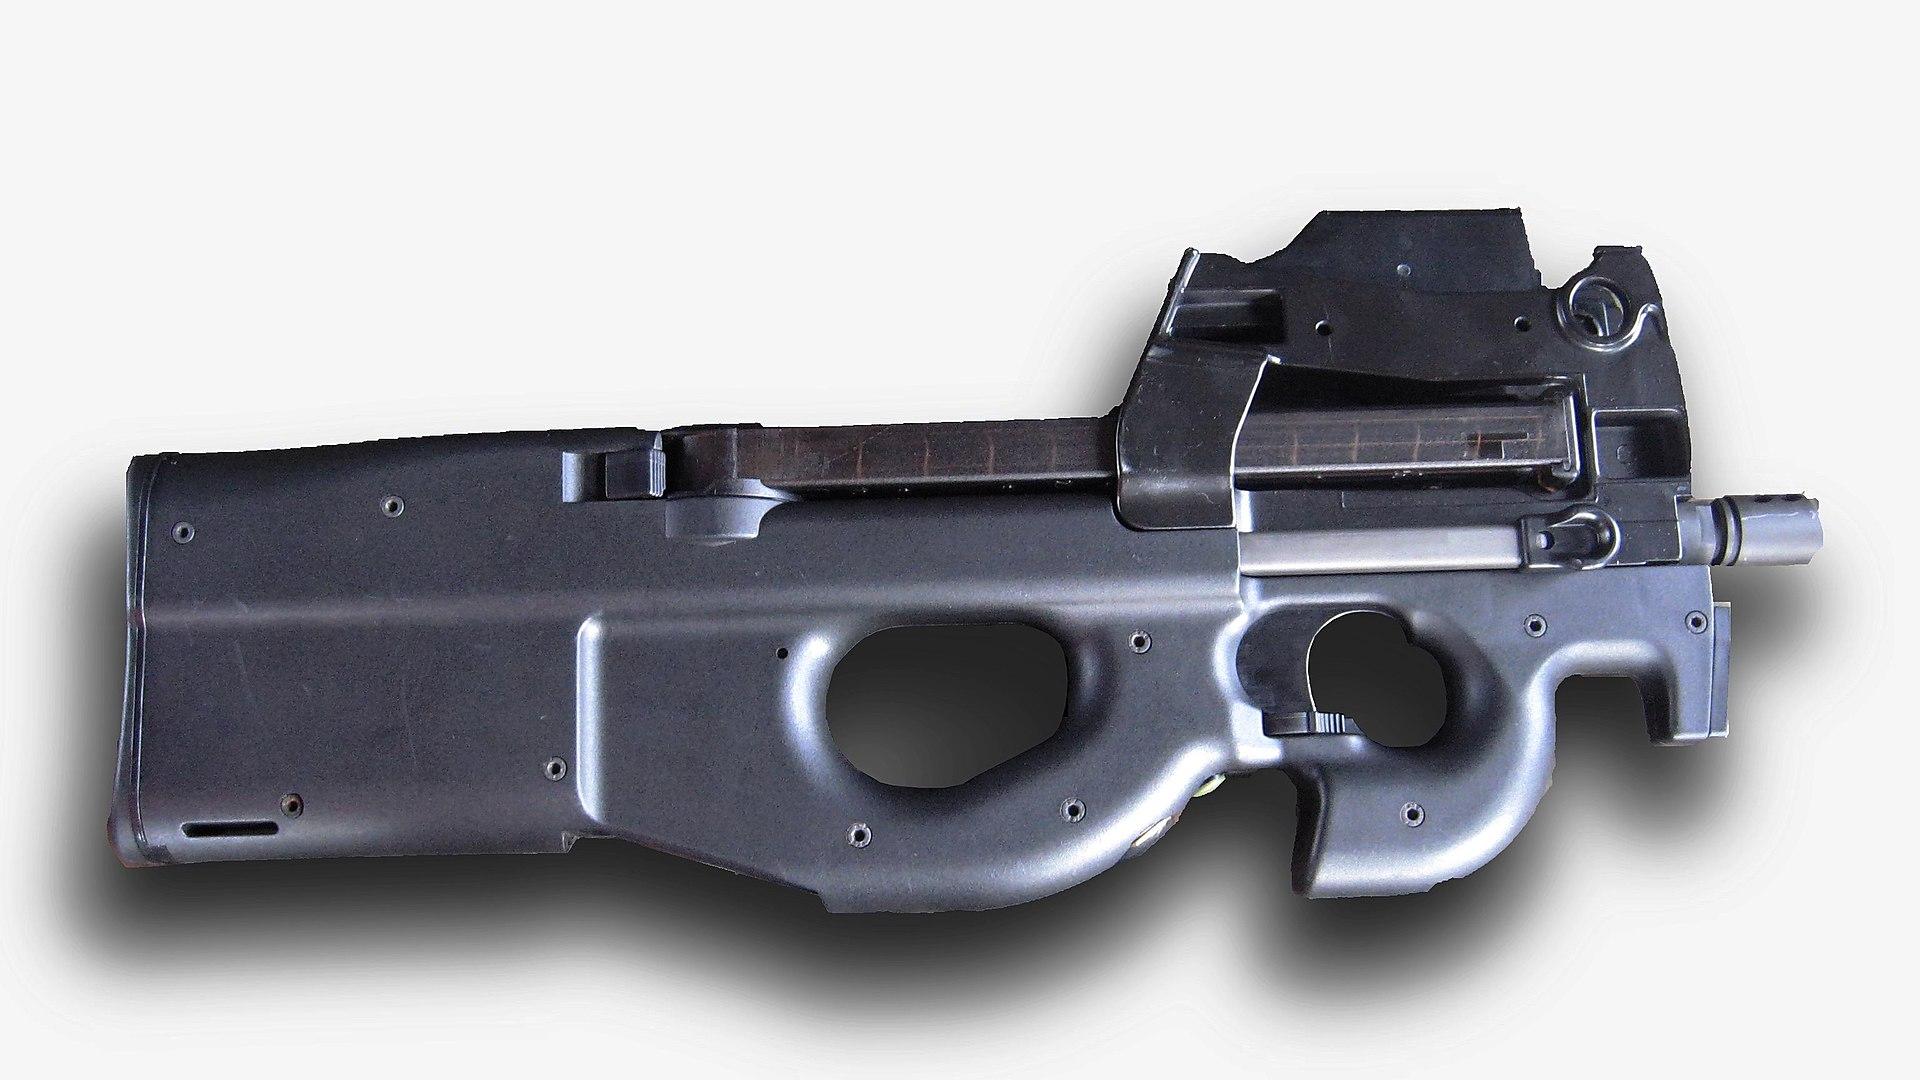 1920px-FN-P90_2.jpg